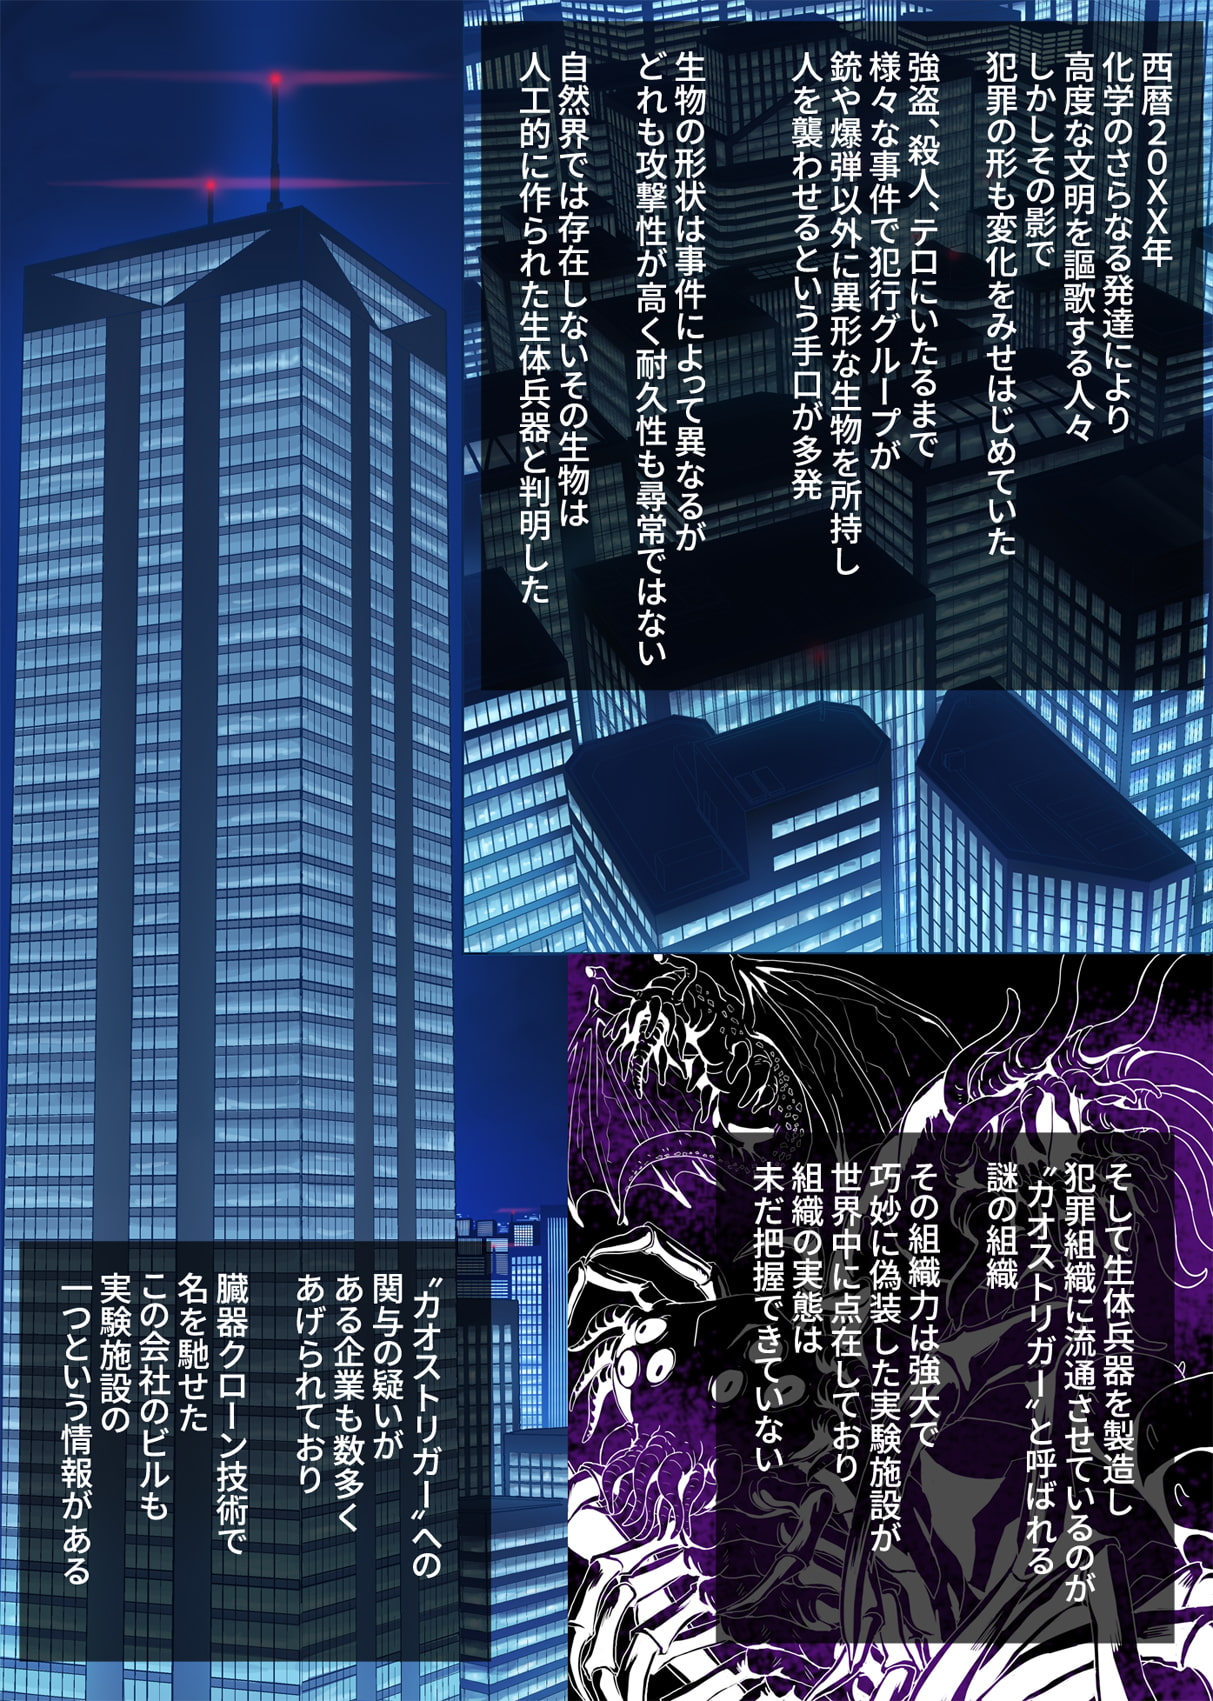 潜入捜査官勇水ルイ1